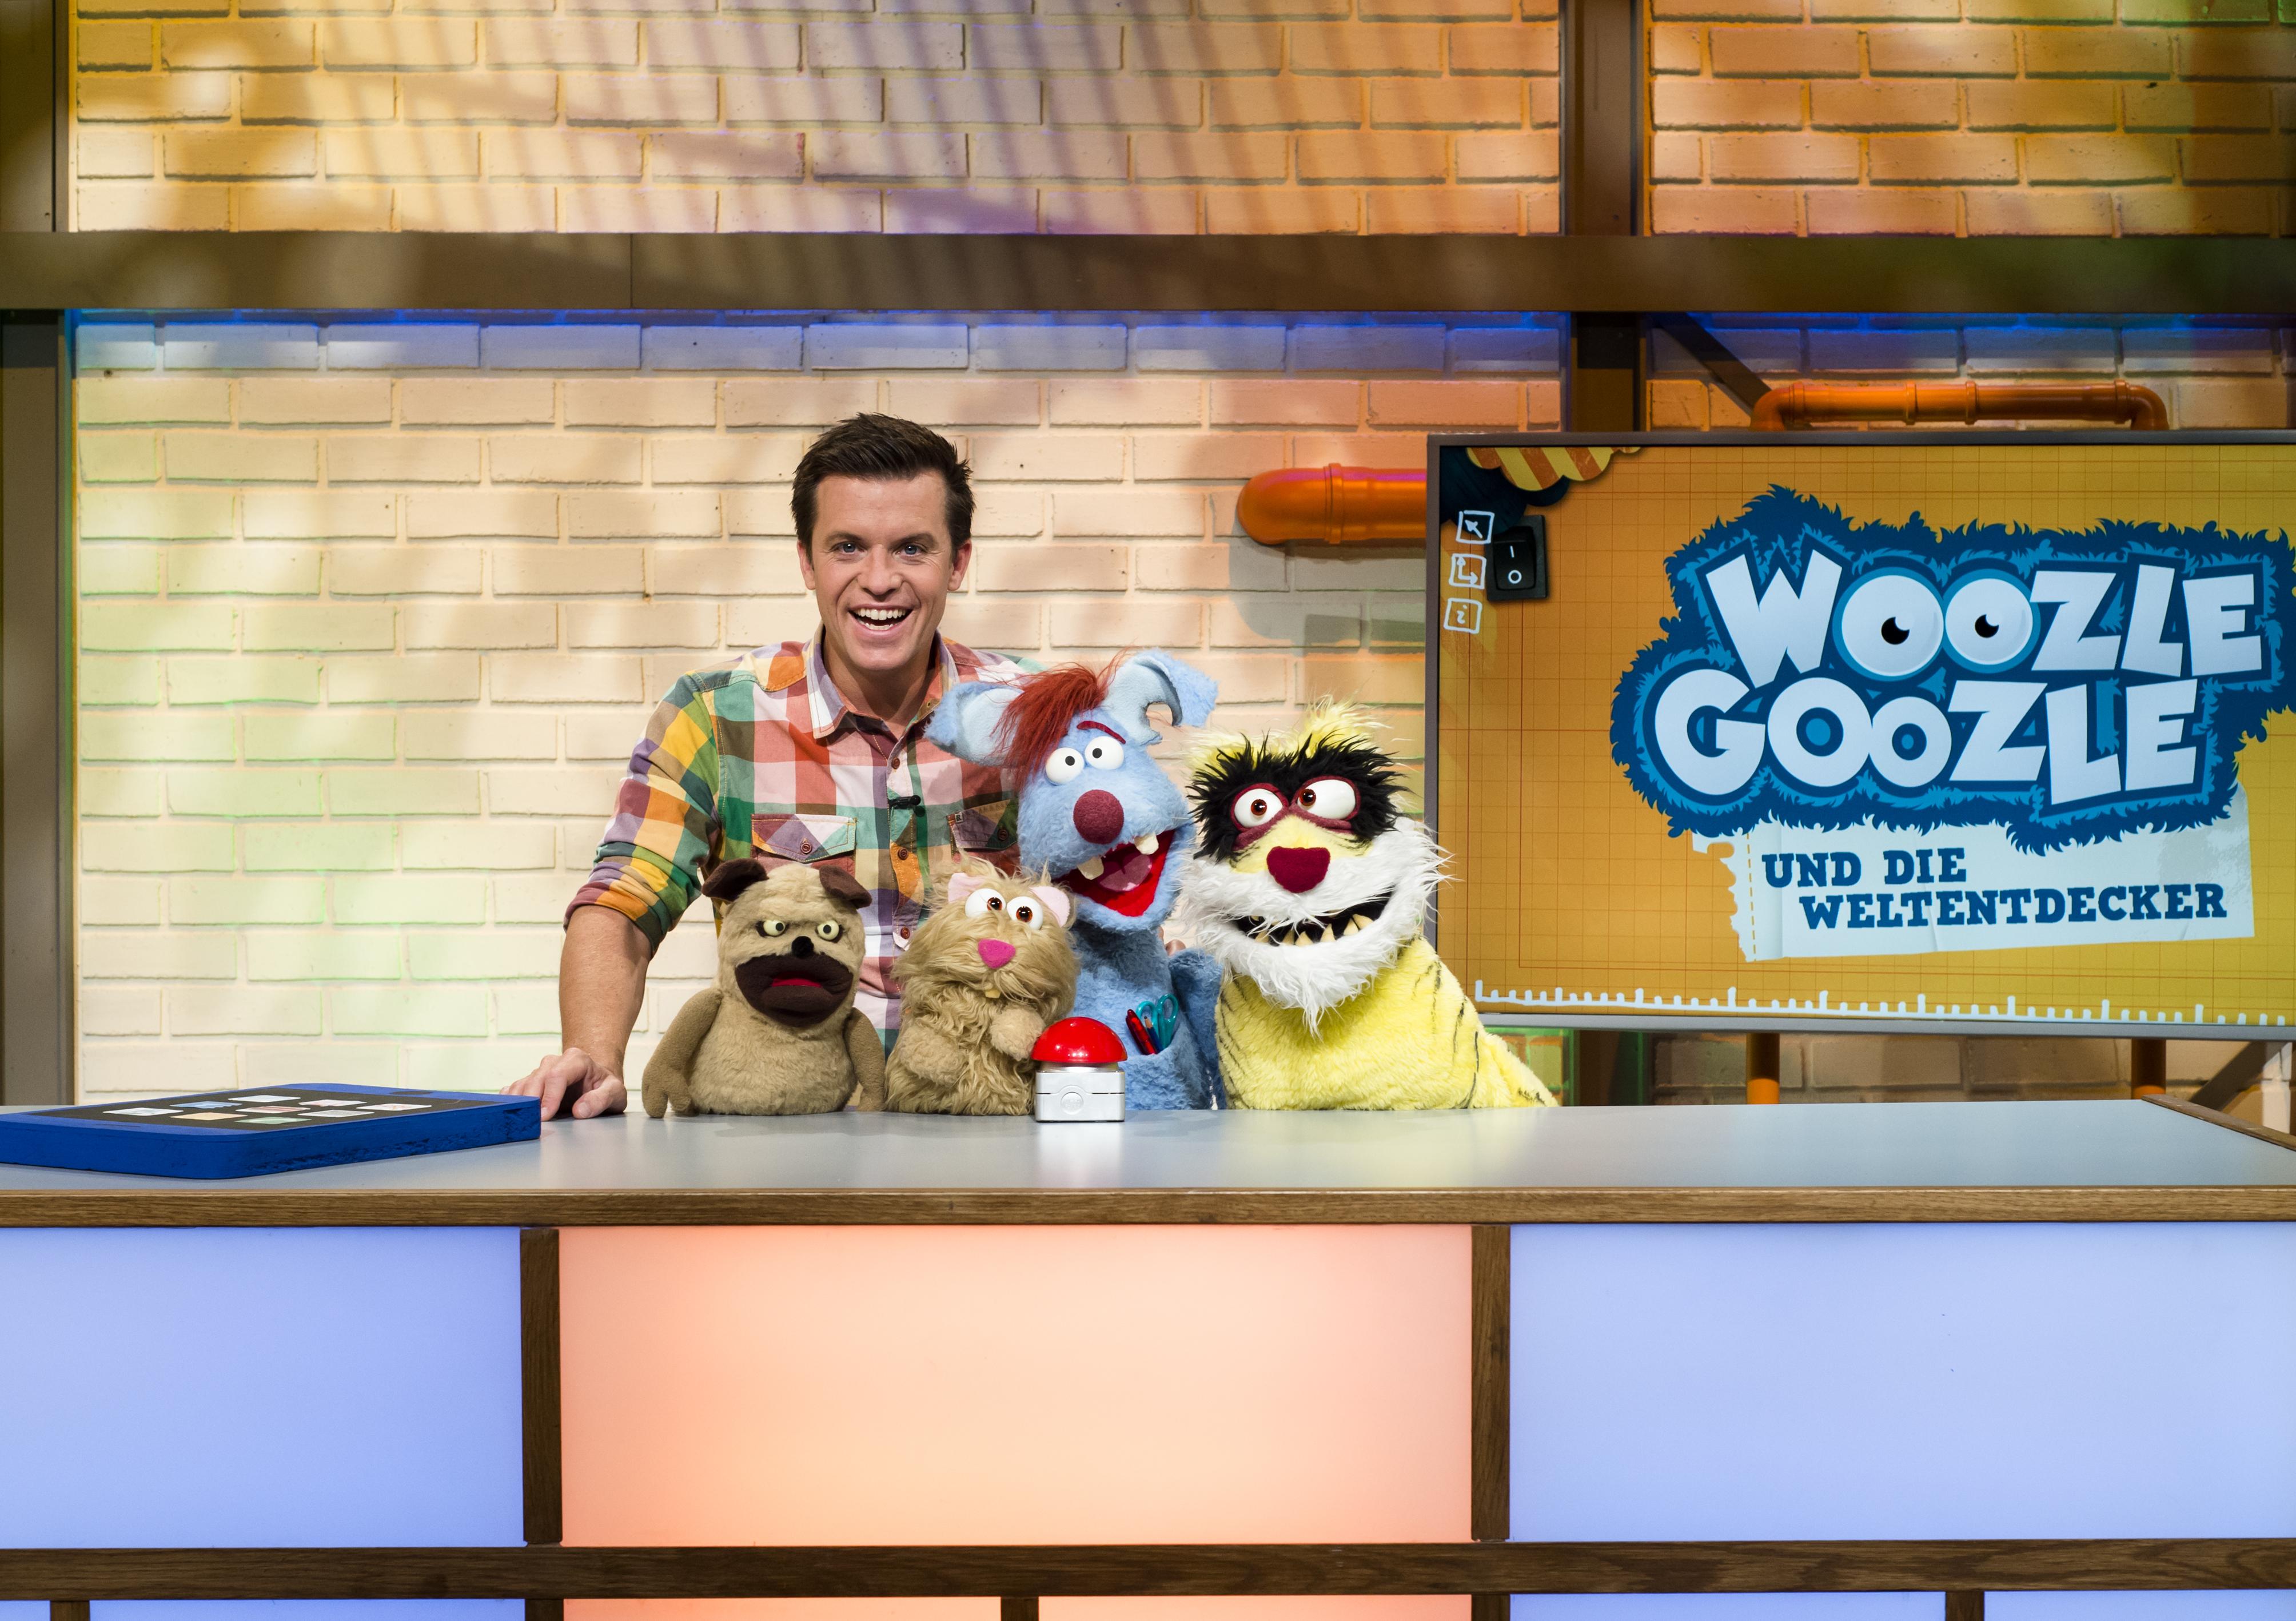 Woozle Goozle & die Weltentdecker